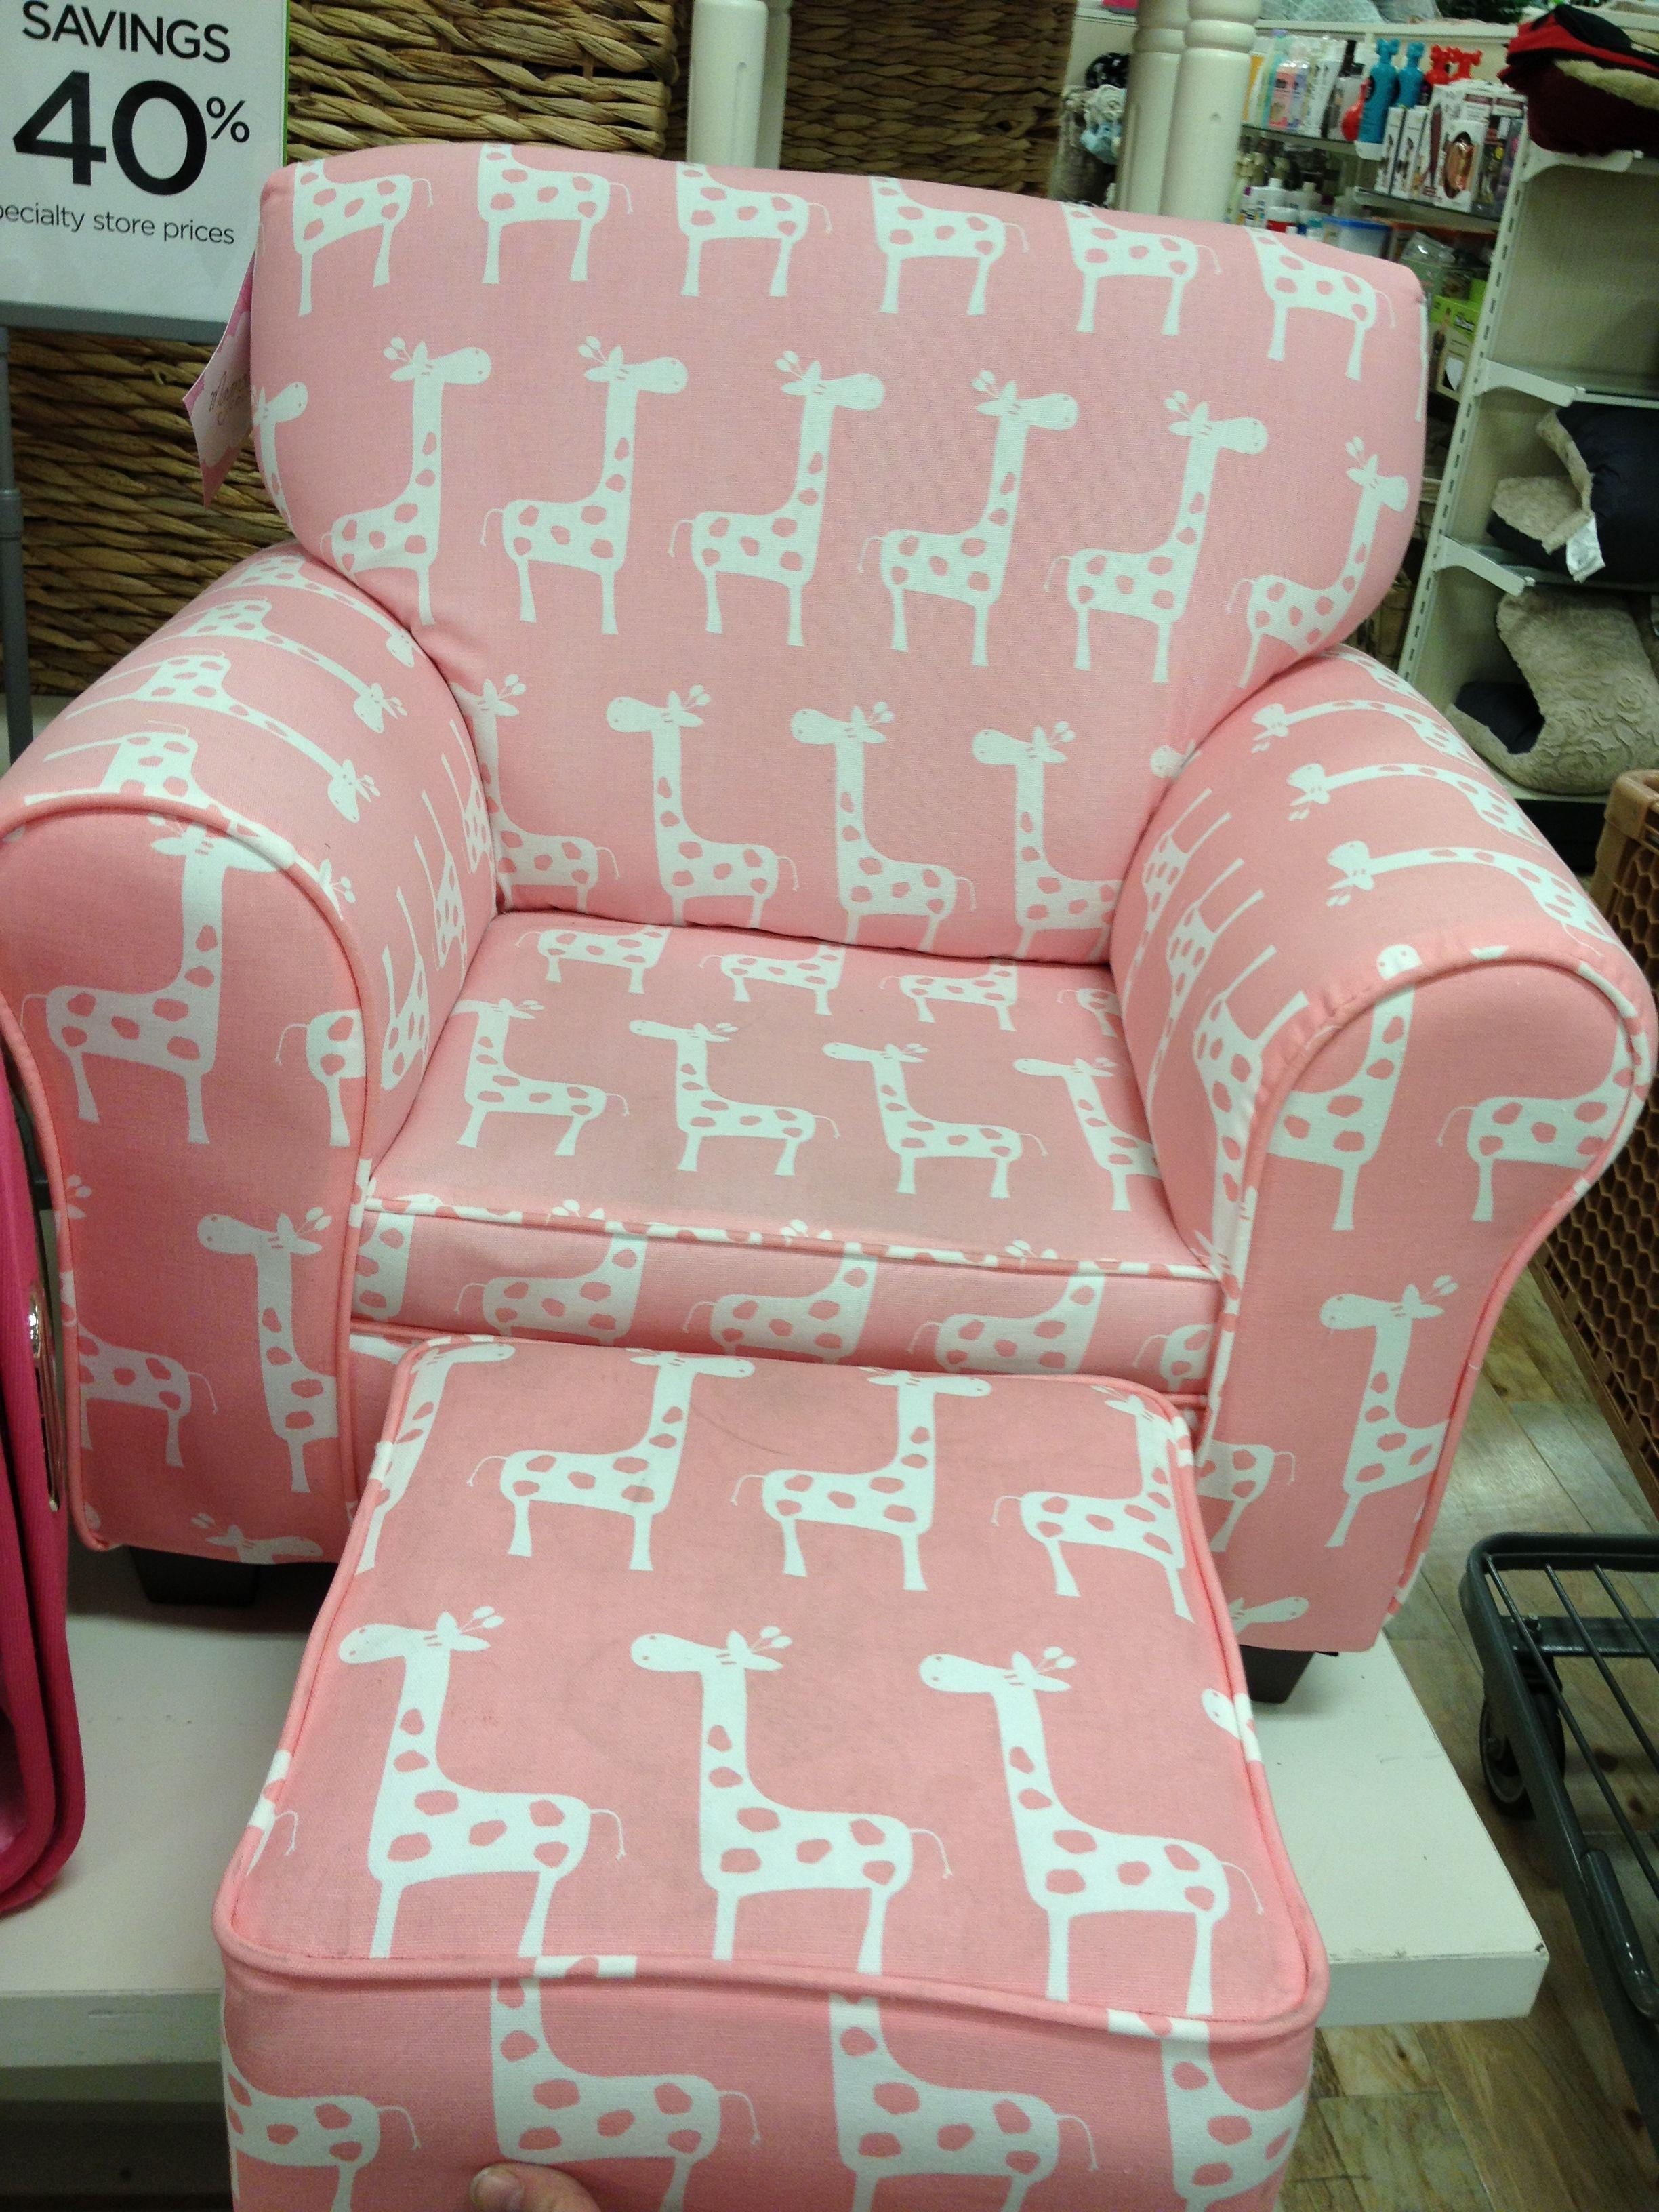 Merveilleux Pink Giraffe Kids Chair $80 Home Goods